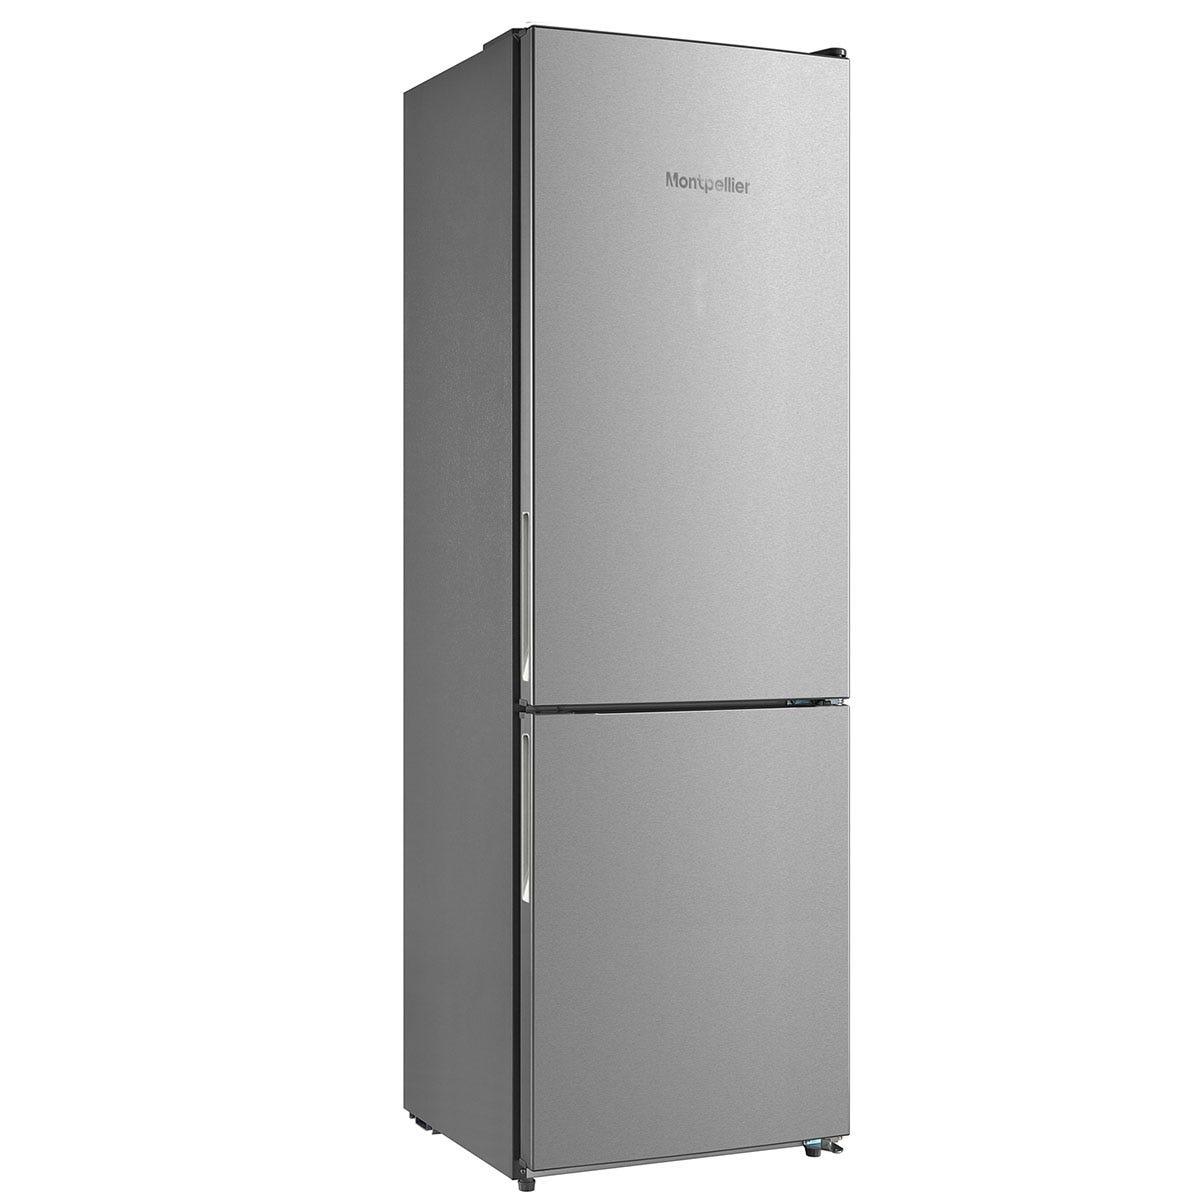 Montpellier MFF18860X 60cm Combi 60/40 Fridge Freezer - Inox